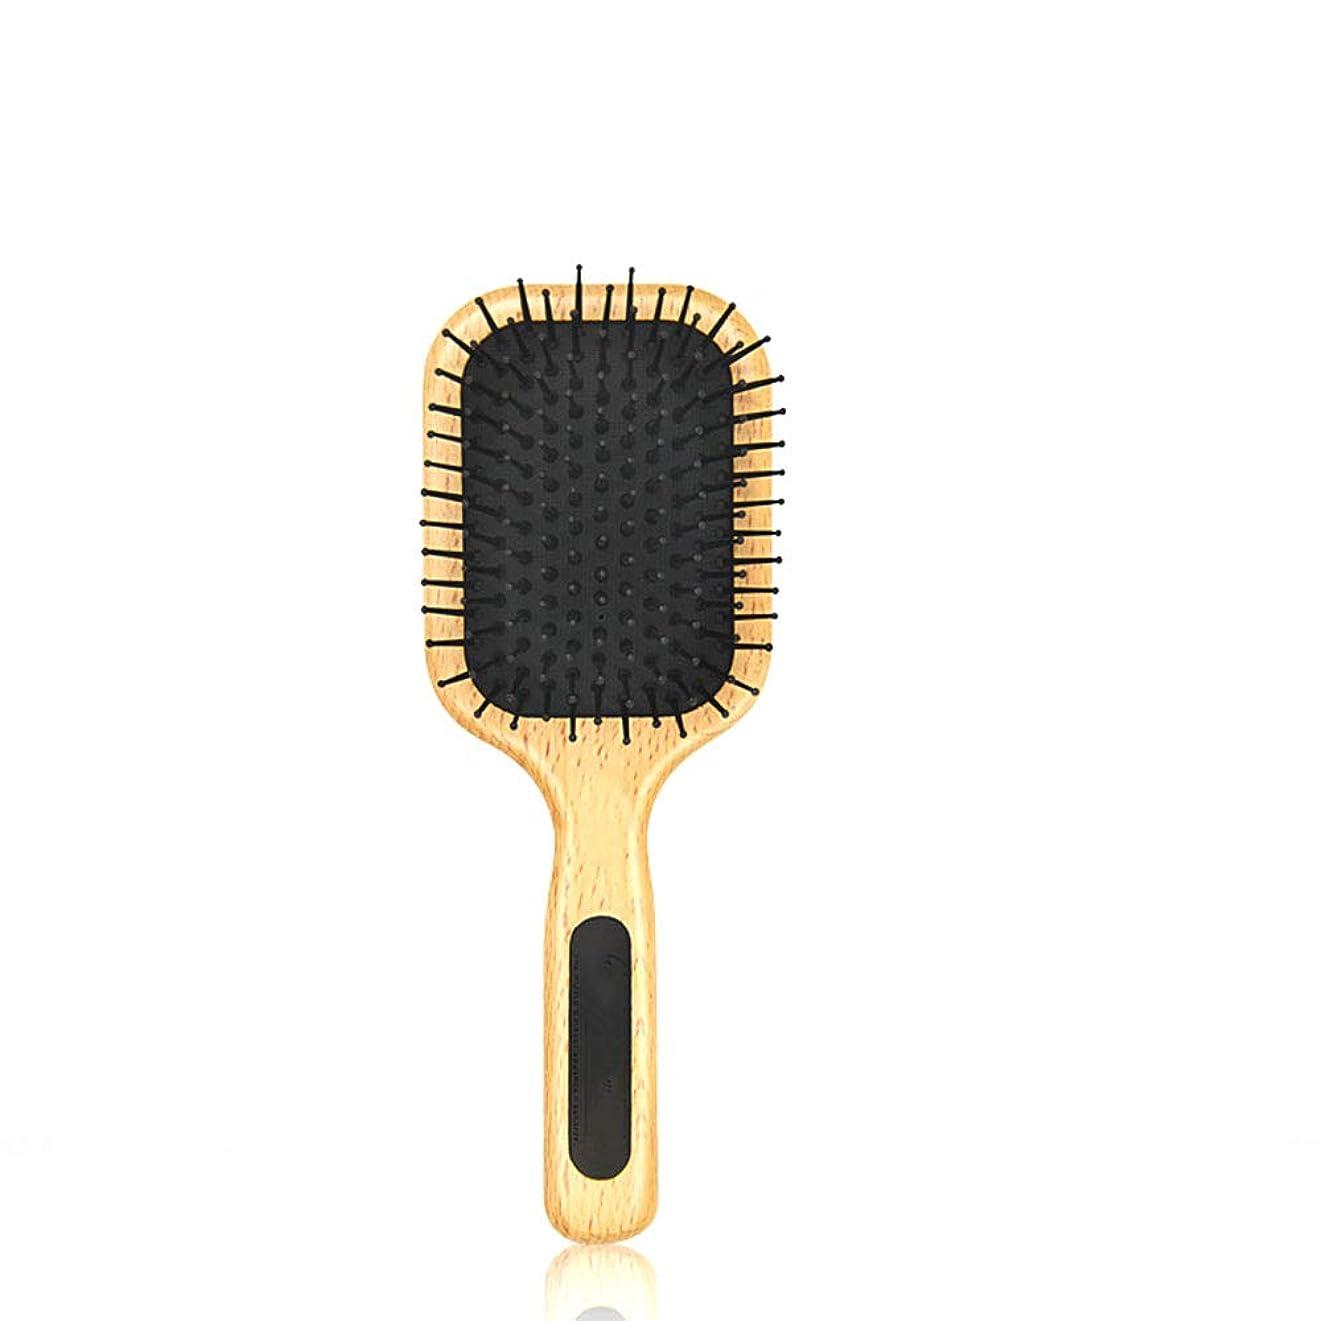 扱いやすい機知に富んだアライアンスヘアバッグ、帯電防止エアクッションコーム、Shunfaマッサージ、弾性ゴム、脱毛を減らし、快適なフィット感,Small